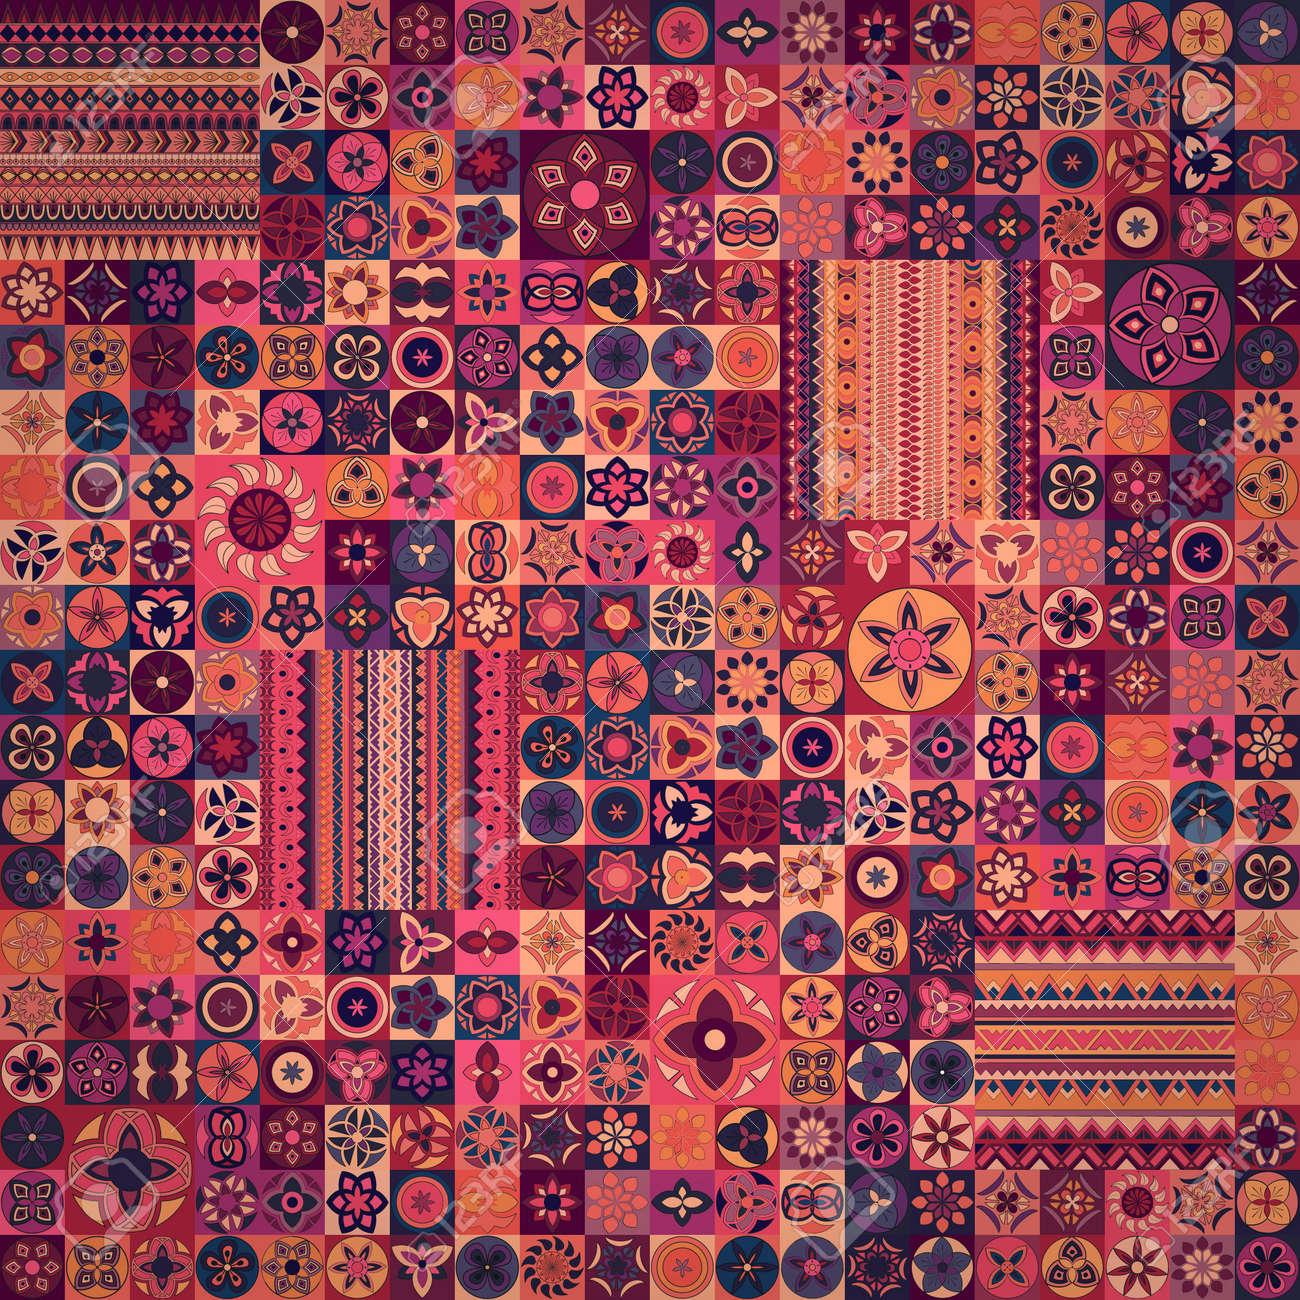 hand fond dessine peut etre utilise pour tissu papier peint carrelage emballage couvertures et tapis islam arabe indienne motifs ottomanes